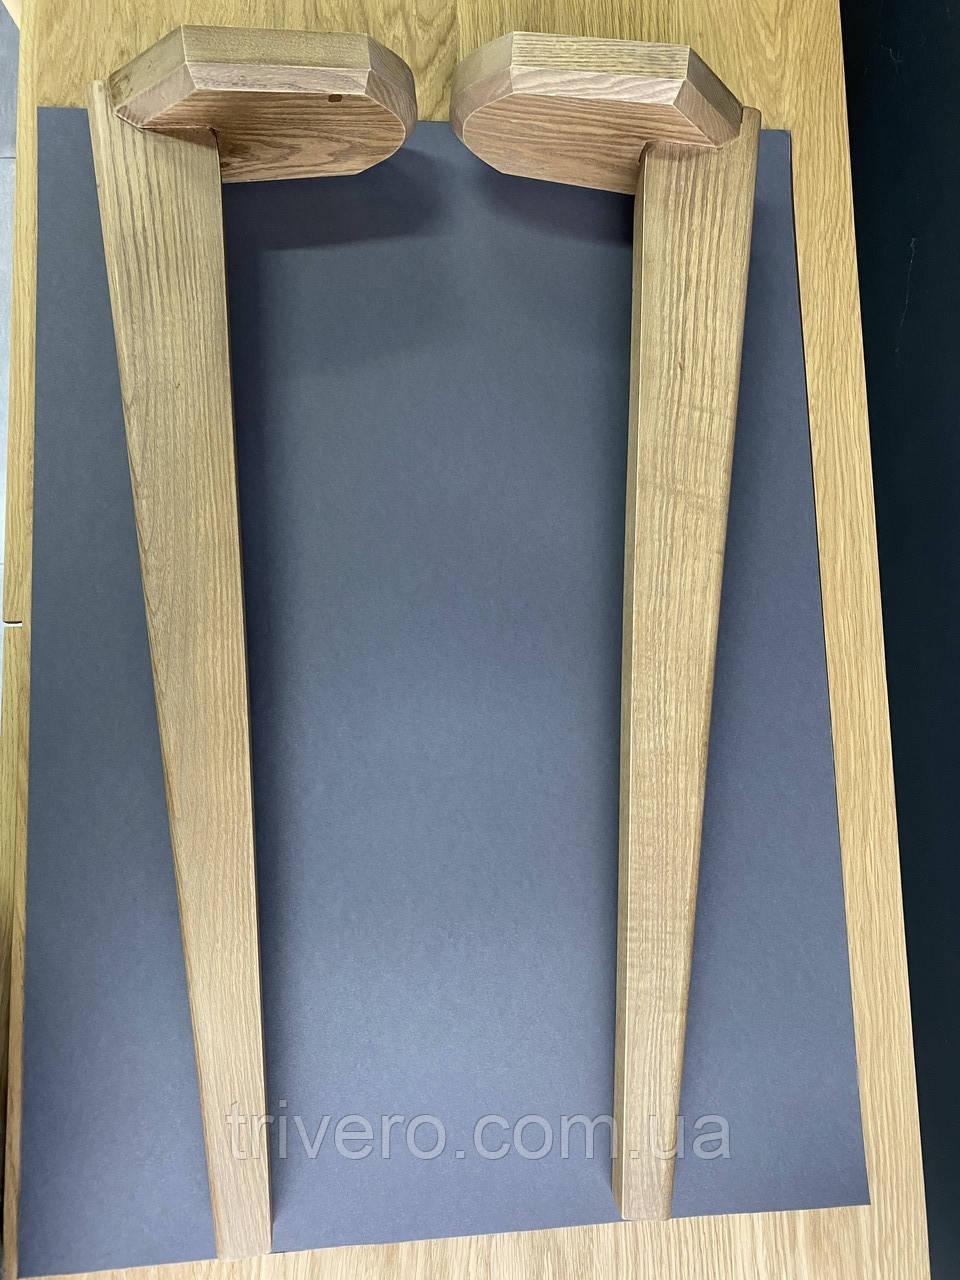 Мебельные ножки и опоры деревянные для стола с гранями /  КОД: Високі - 12